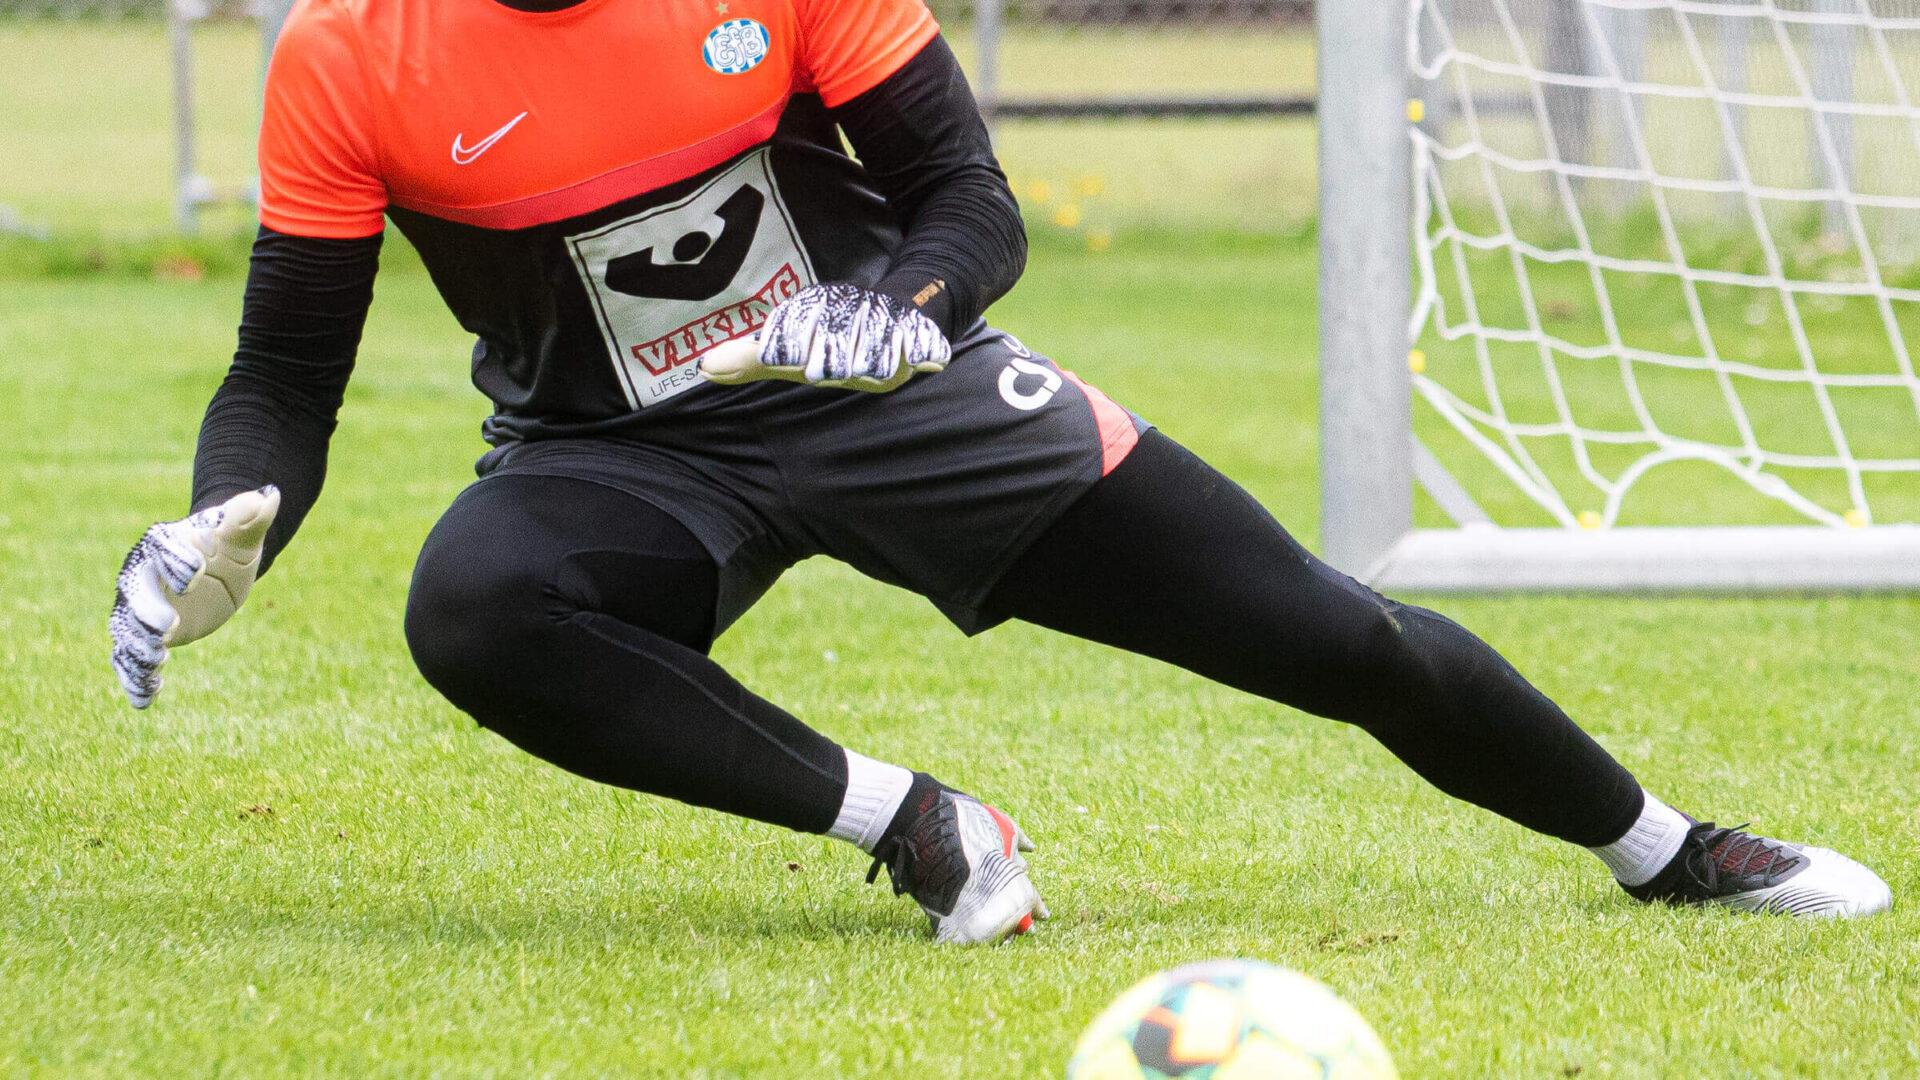 Hollandsk målmand tester i EfB